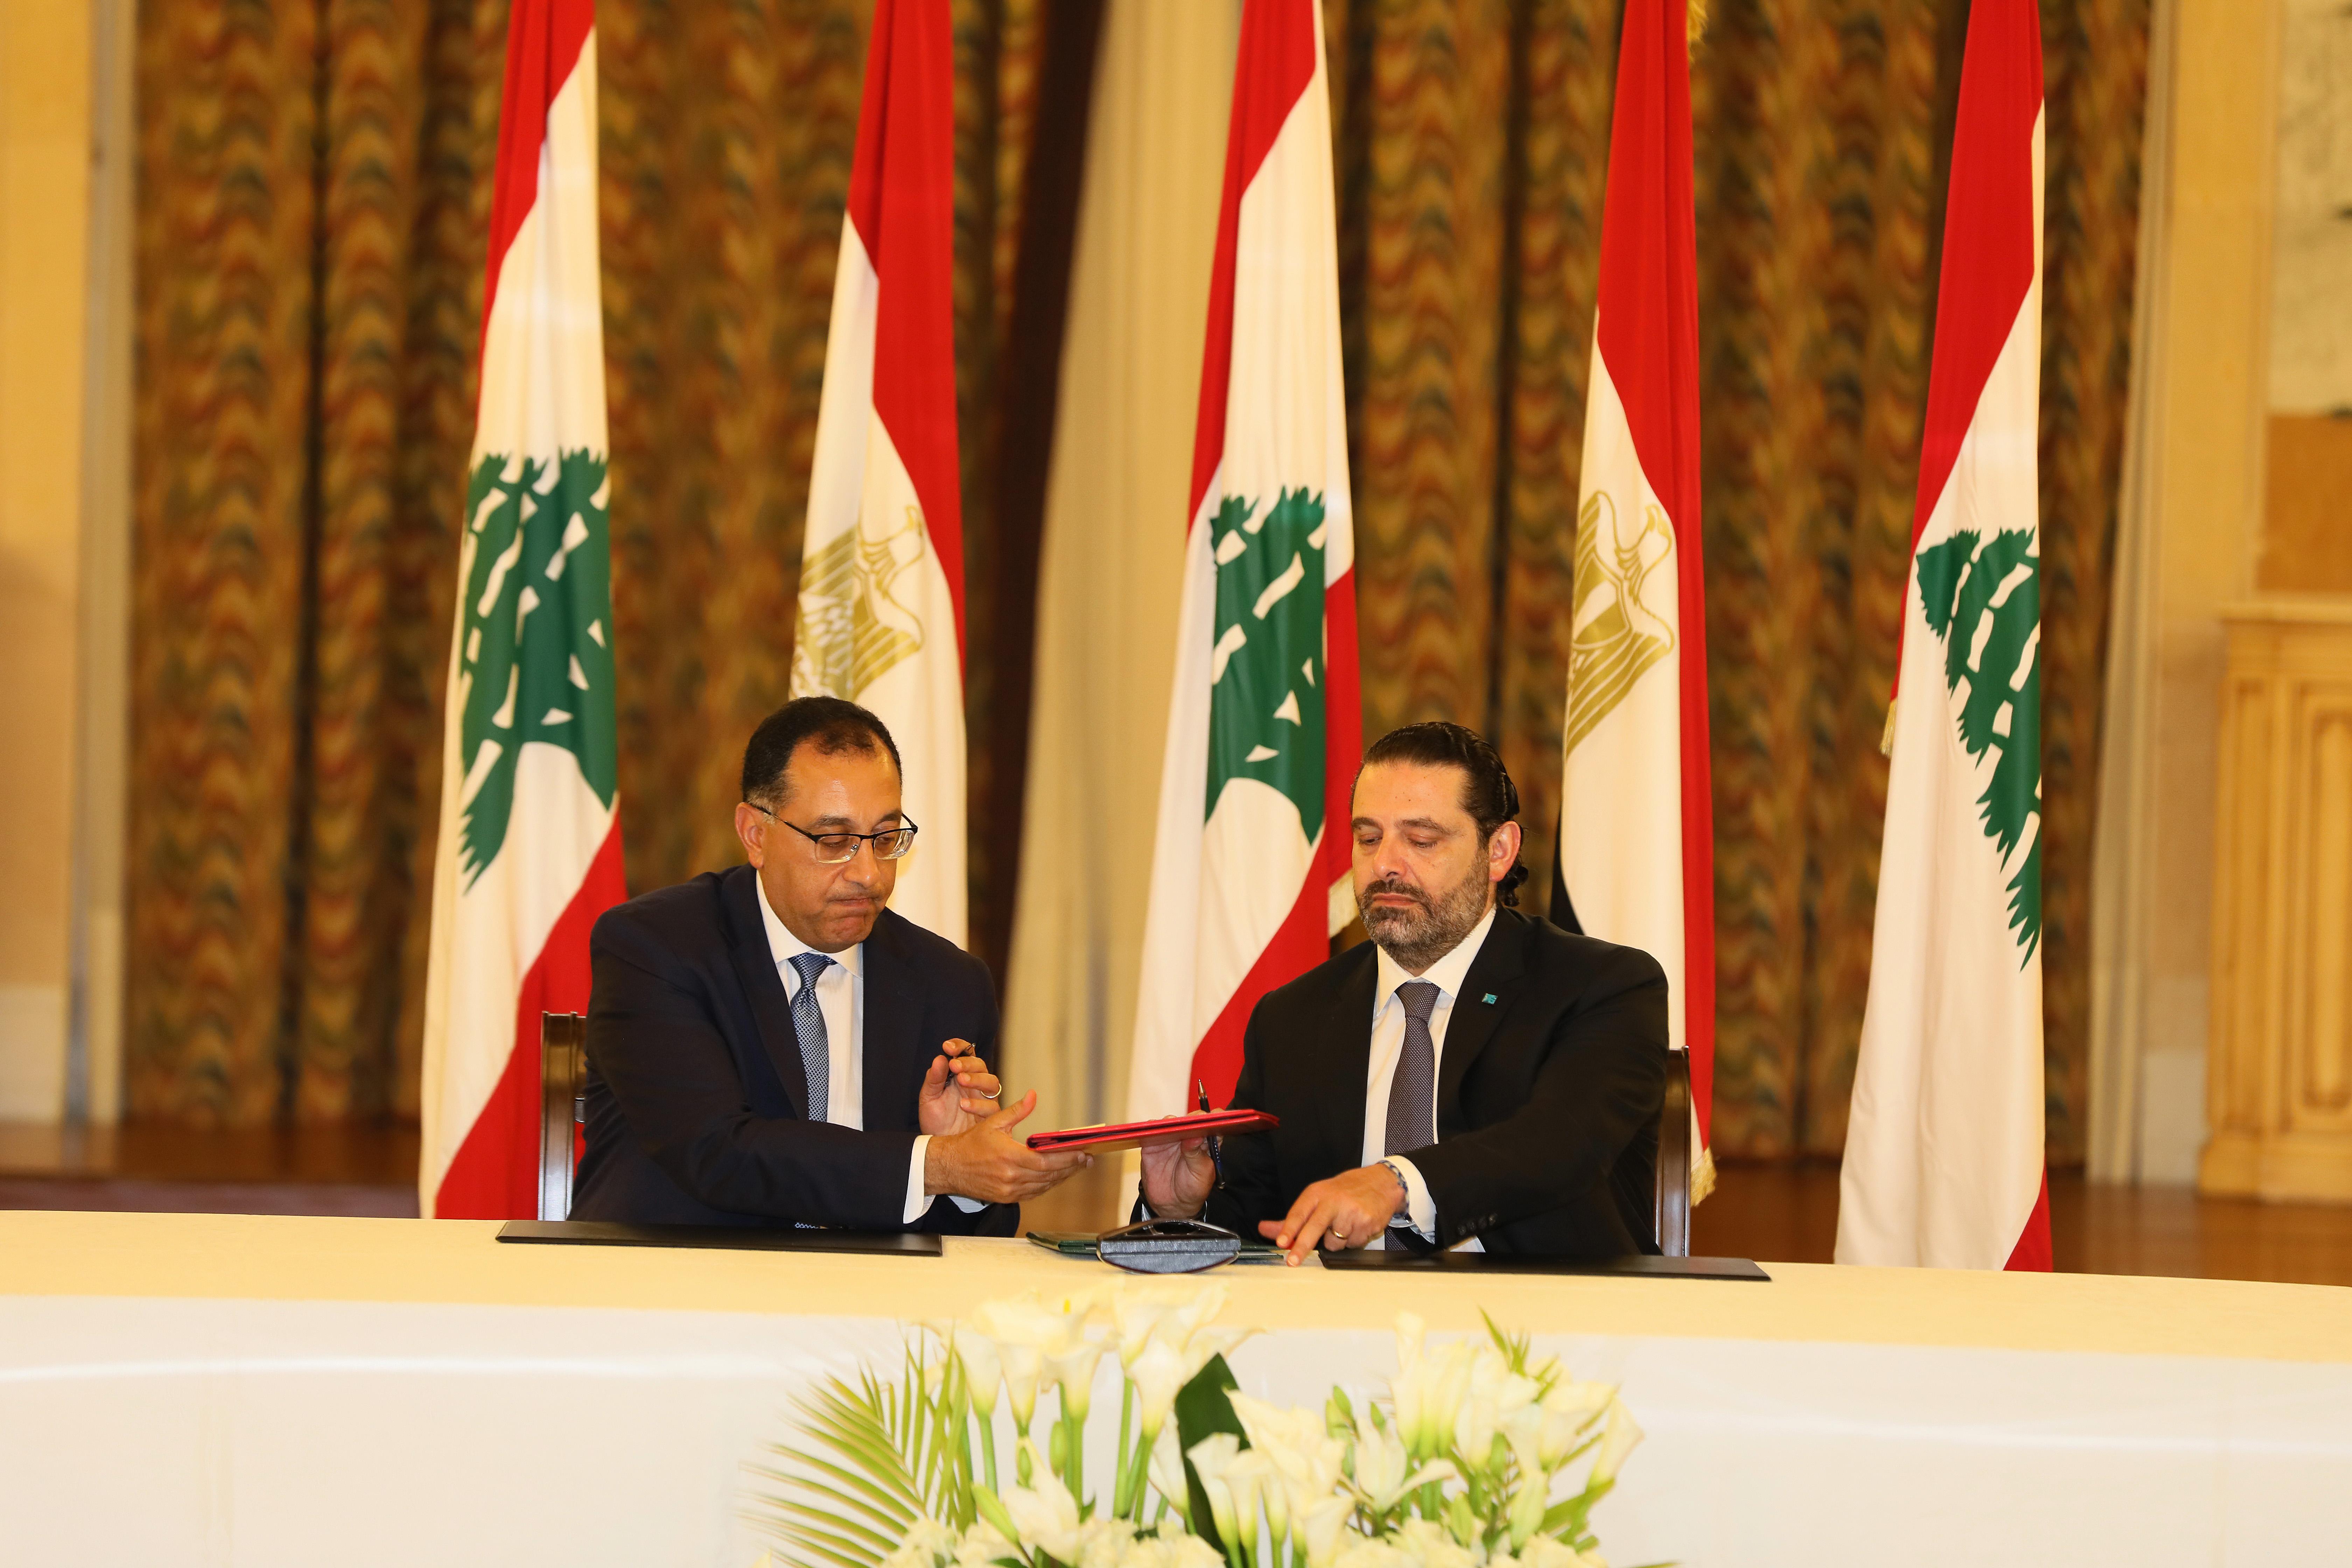 Pr Minister Saad Hariri meets Egyptian Pr Minister 5